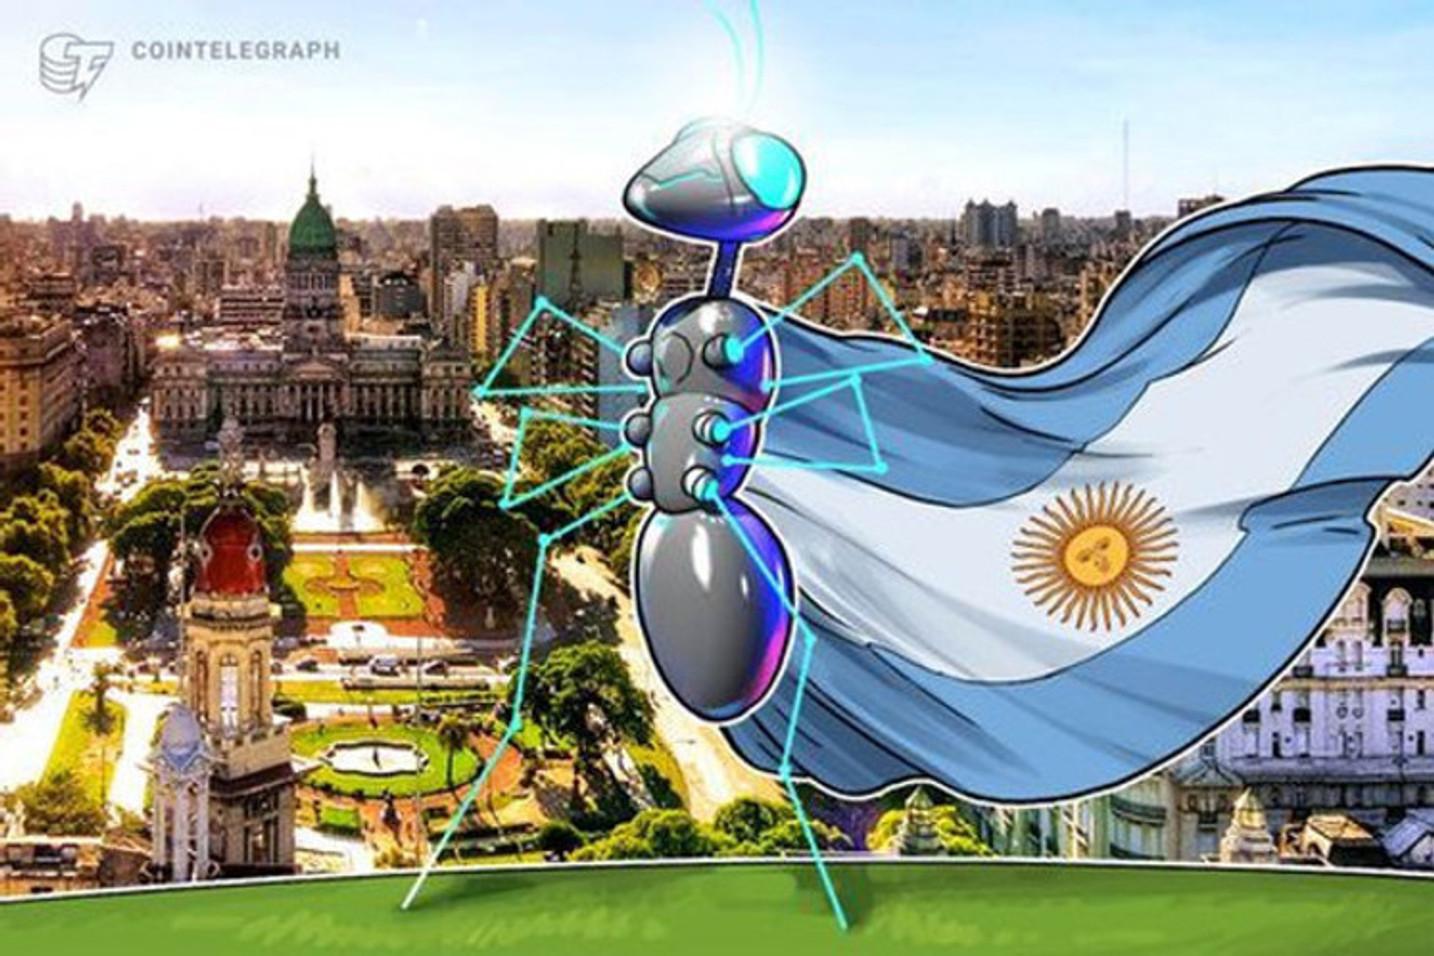 Proyecto Colmena basado en tecnología Blockchain se llevó mención especial en concurso NAVES 2020